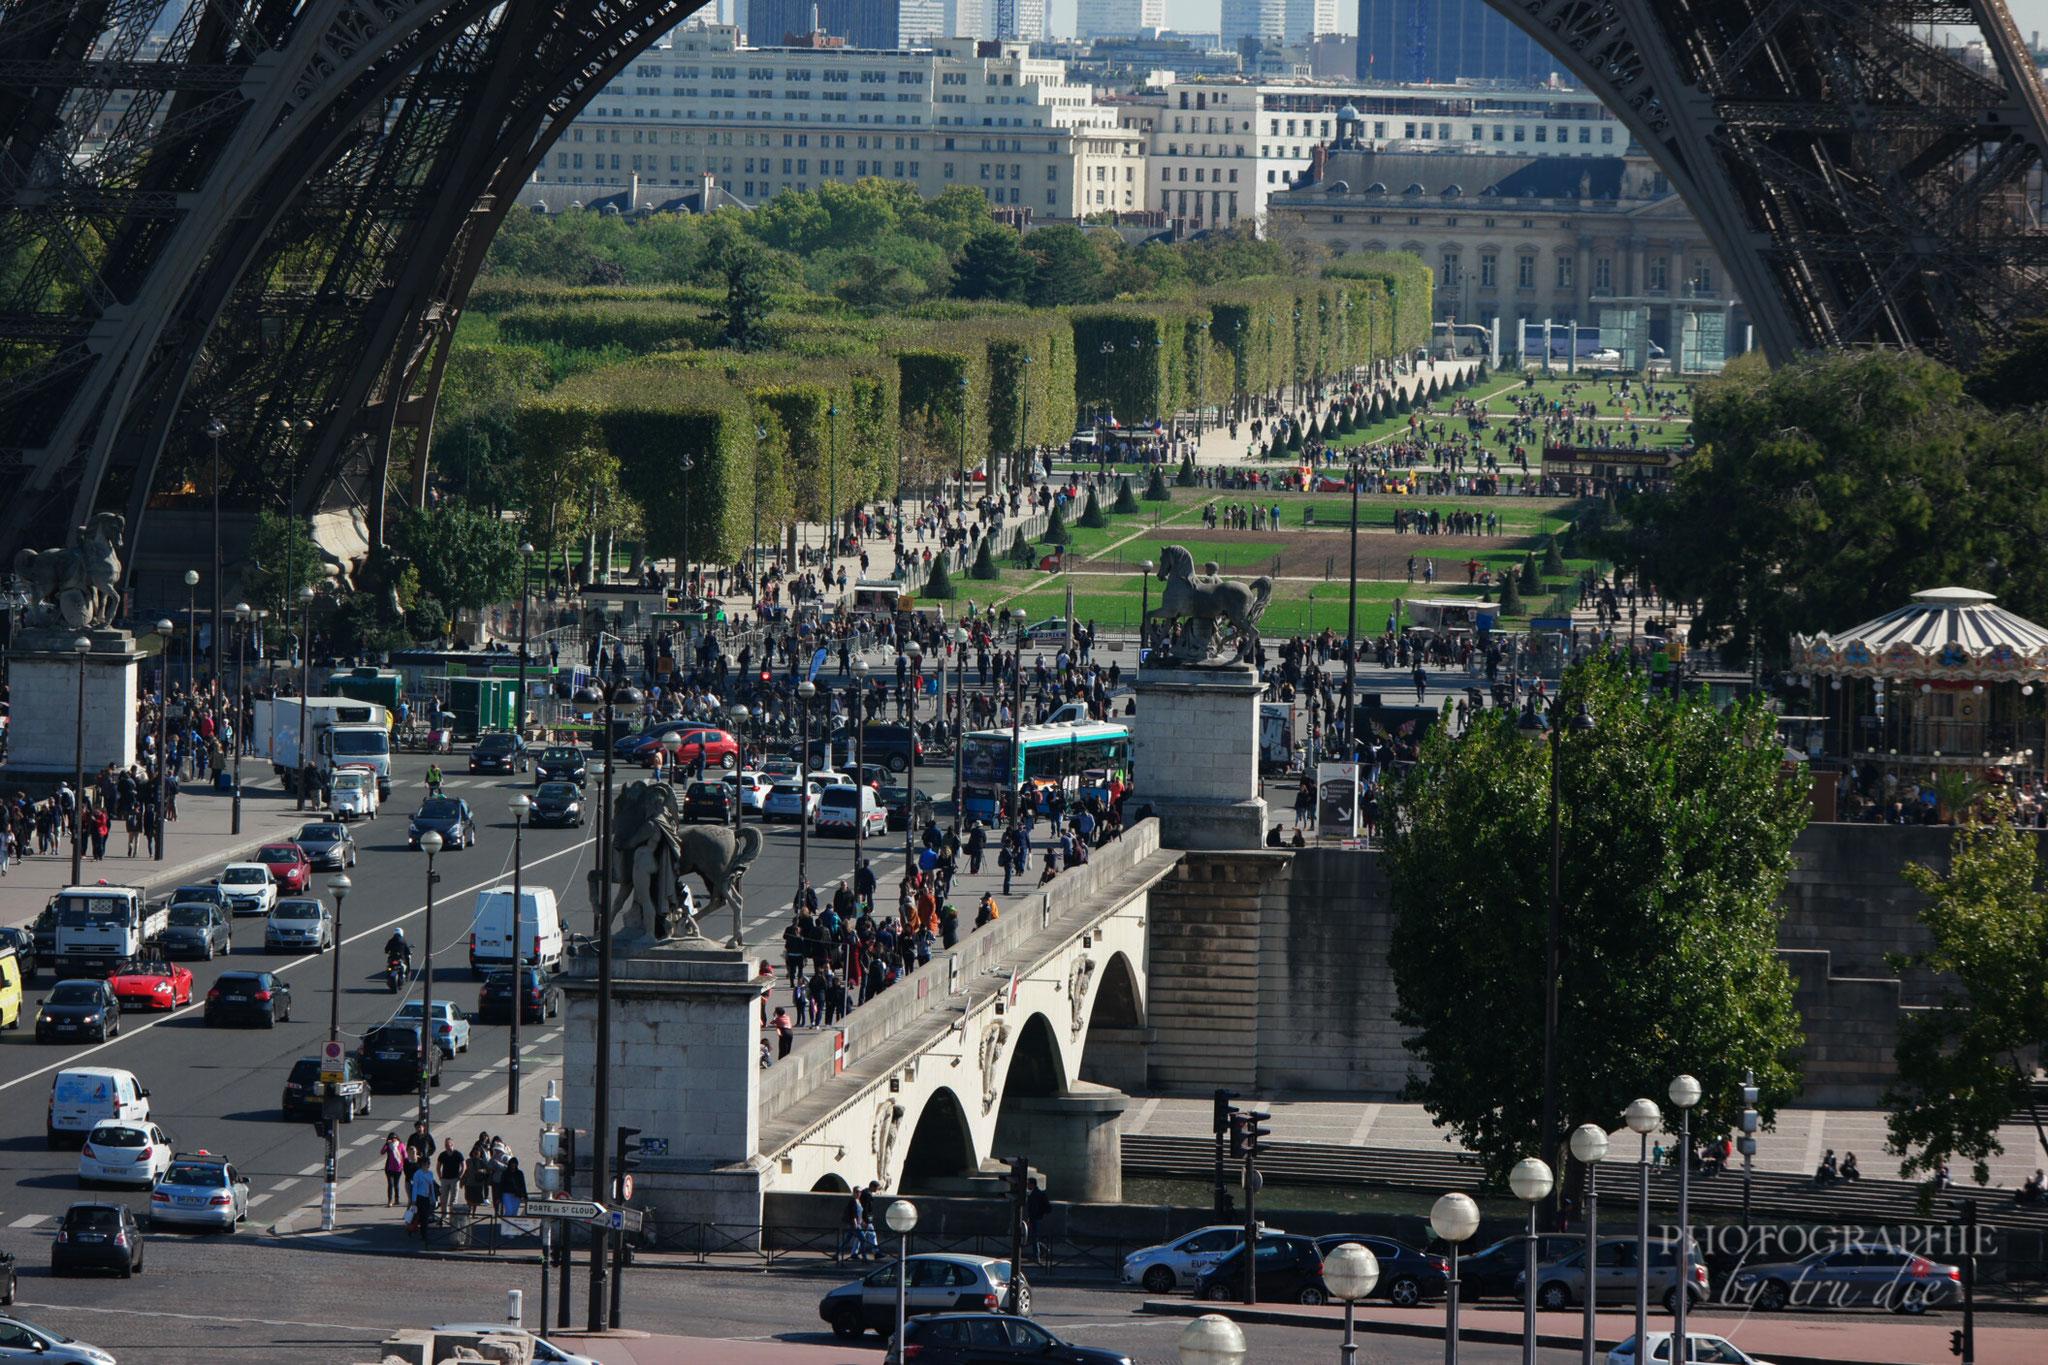 Bild: Blick Trocadéro in Paris